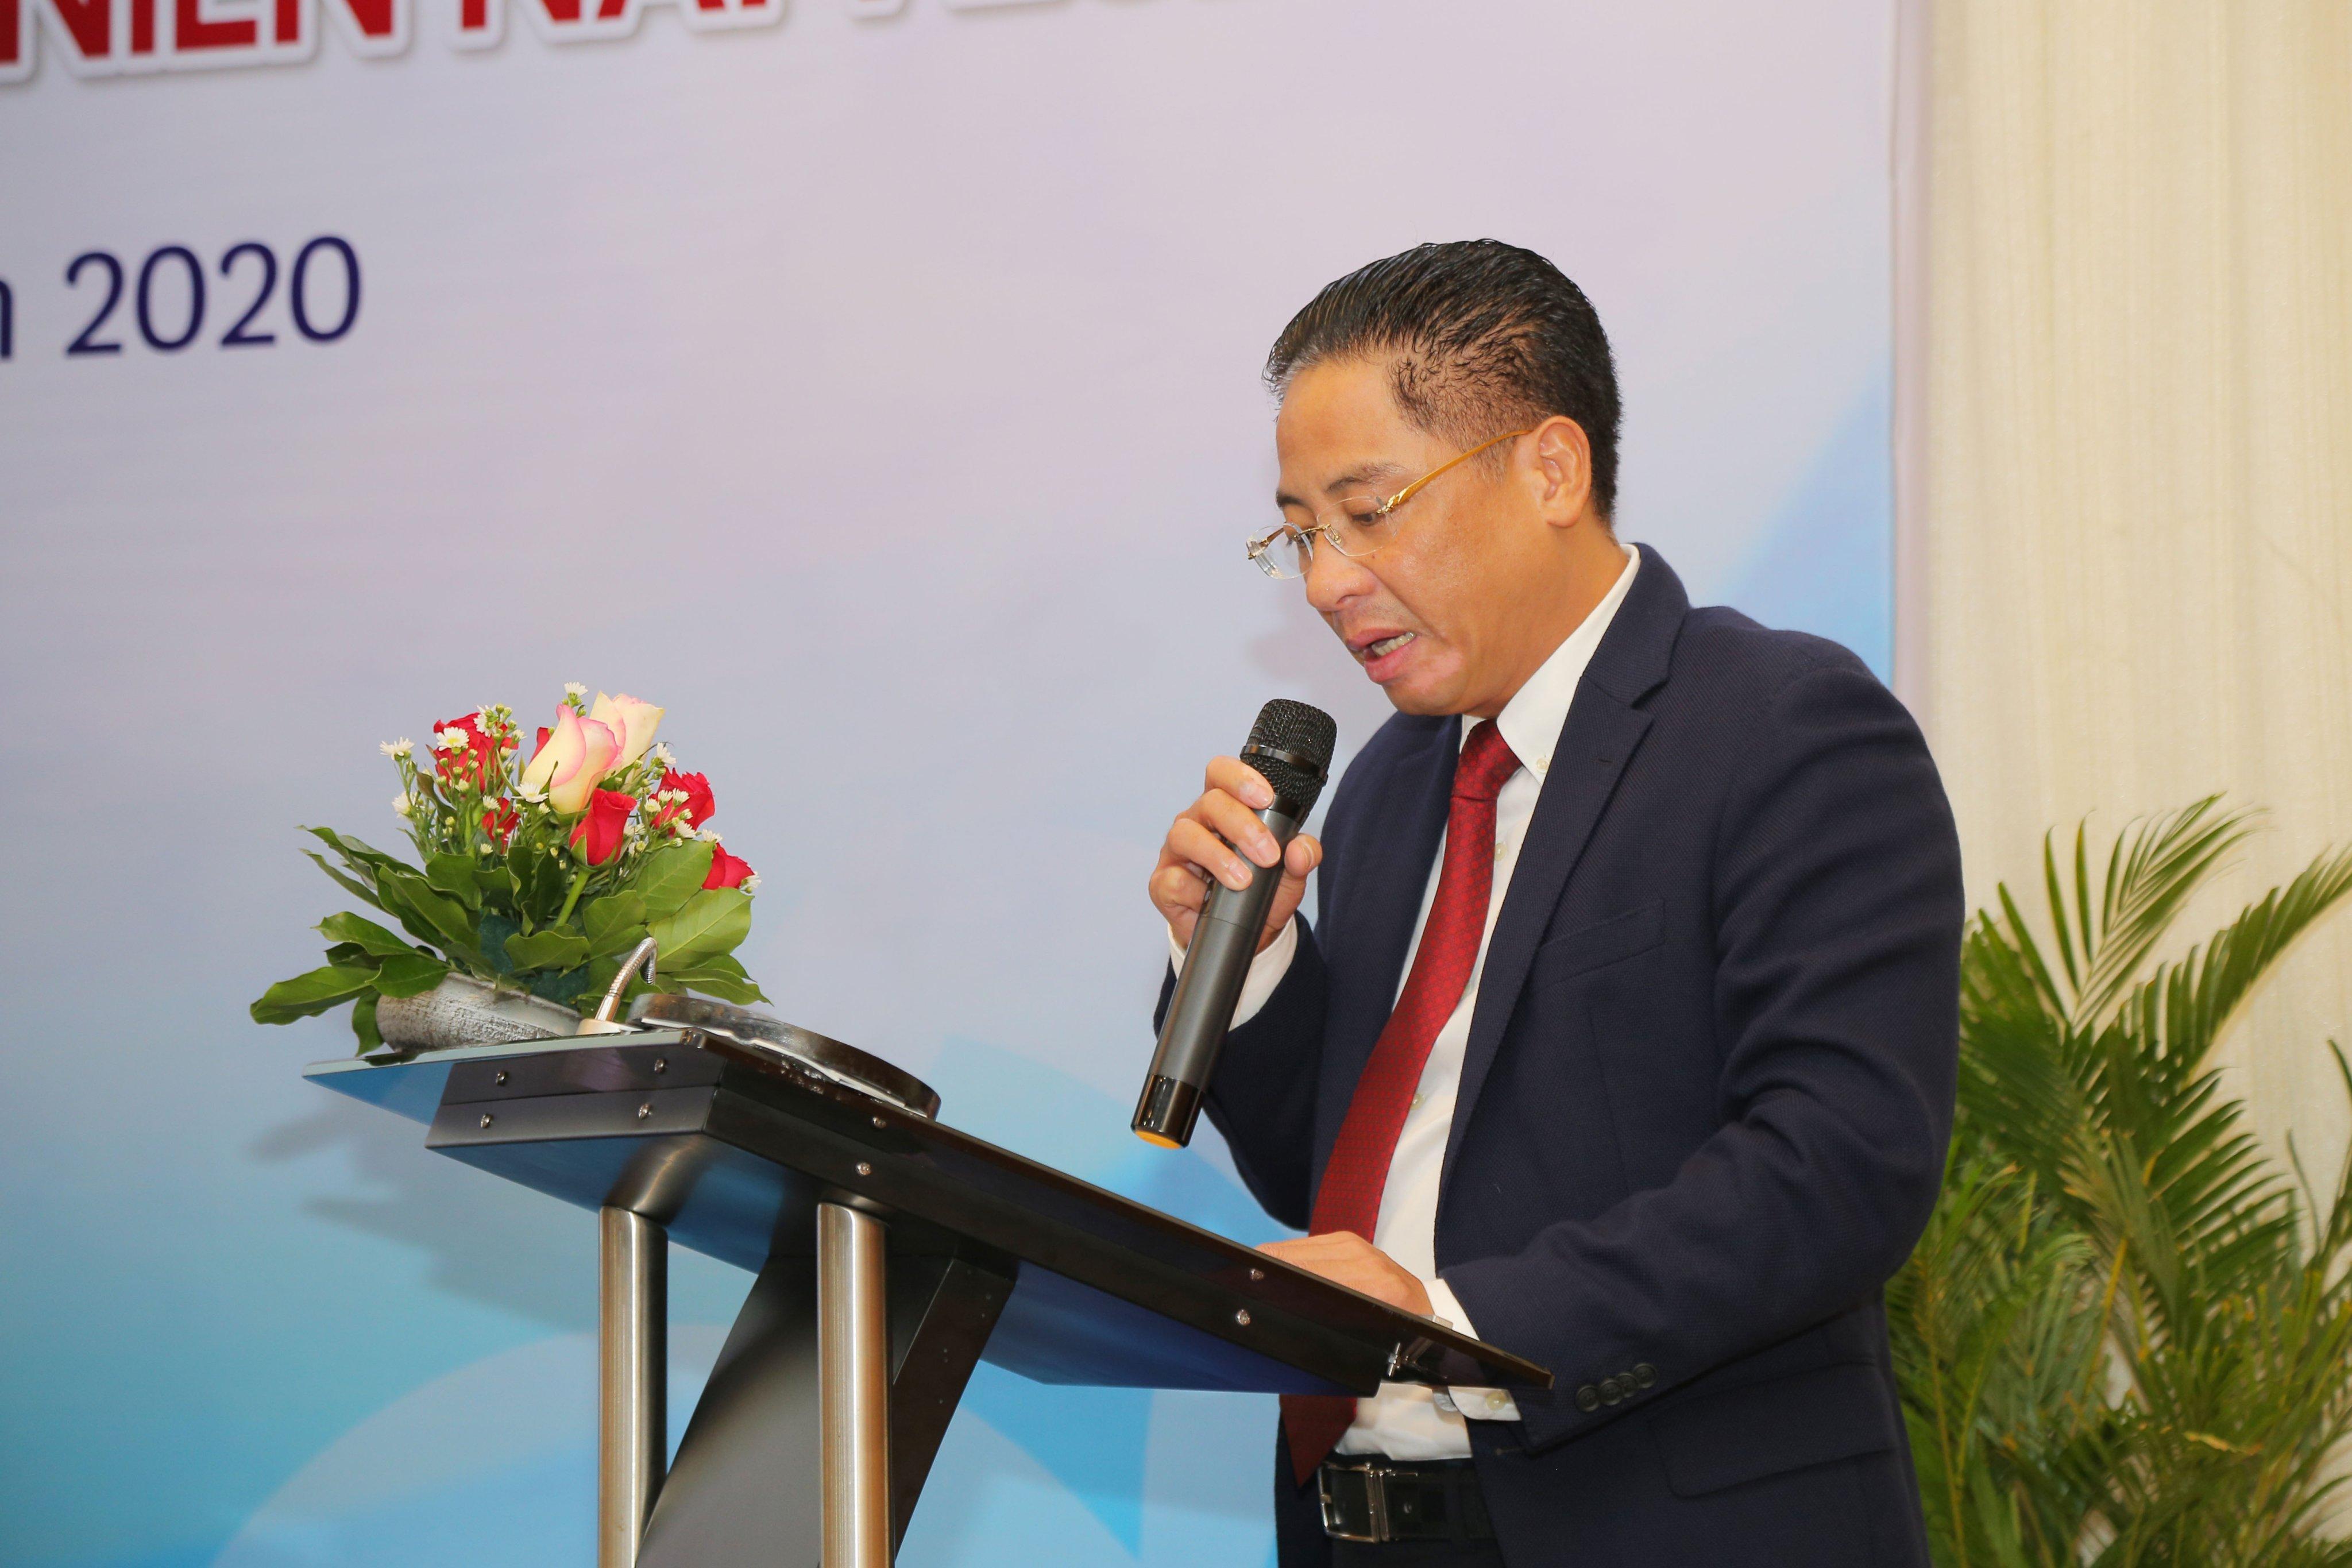 BenThanh Tourist ra mắt Hội đồng quản trị mới, nhiệm kỳ 2020 - 2025